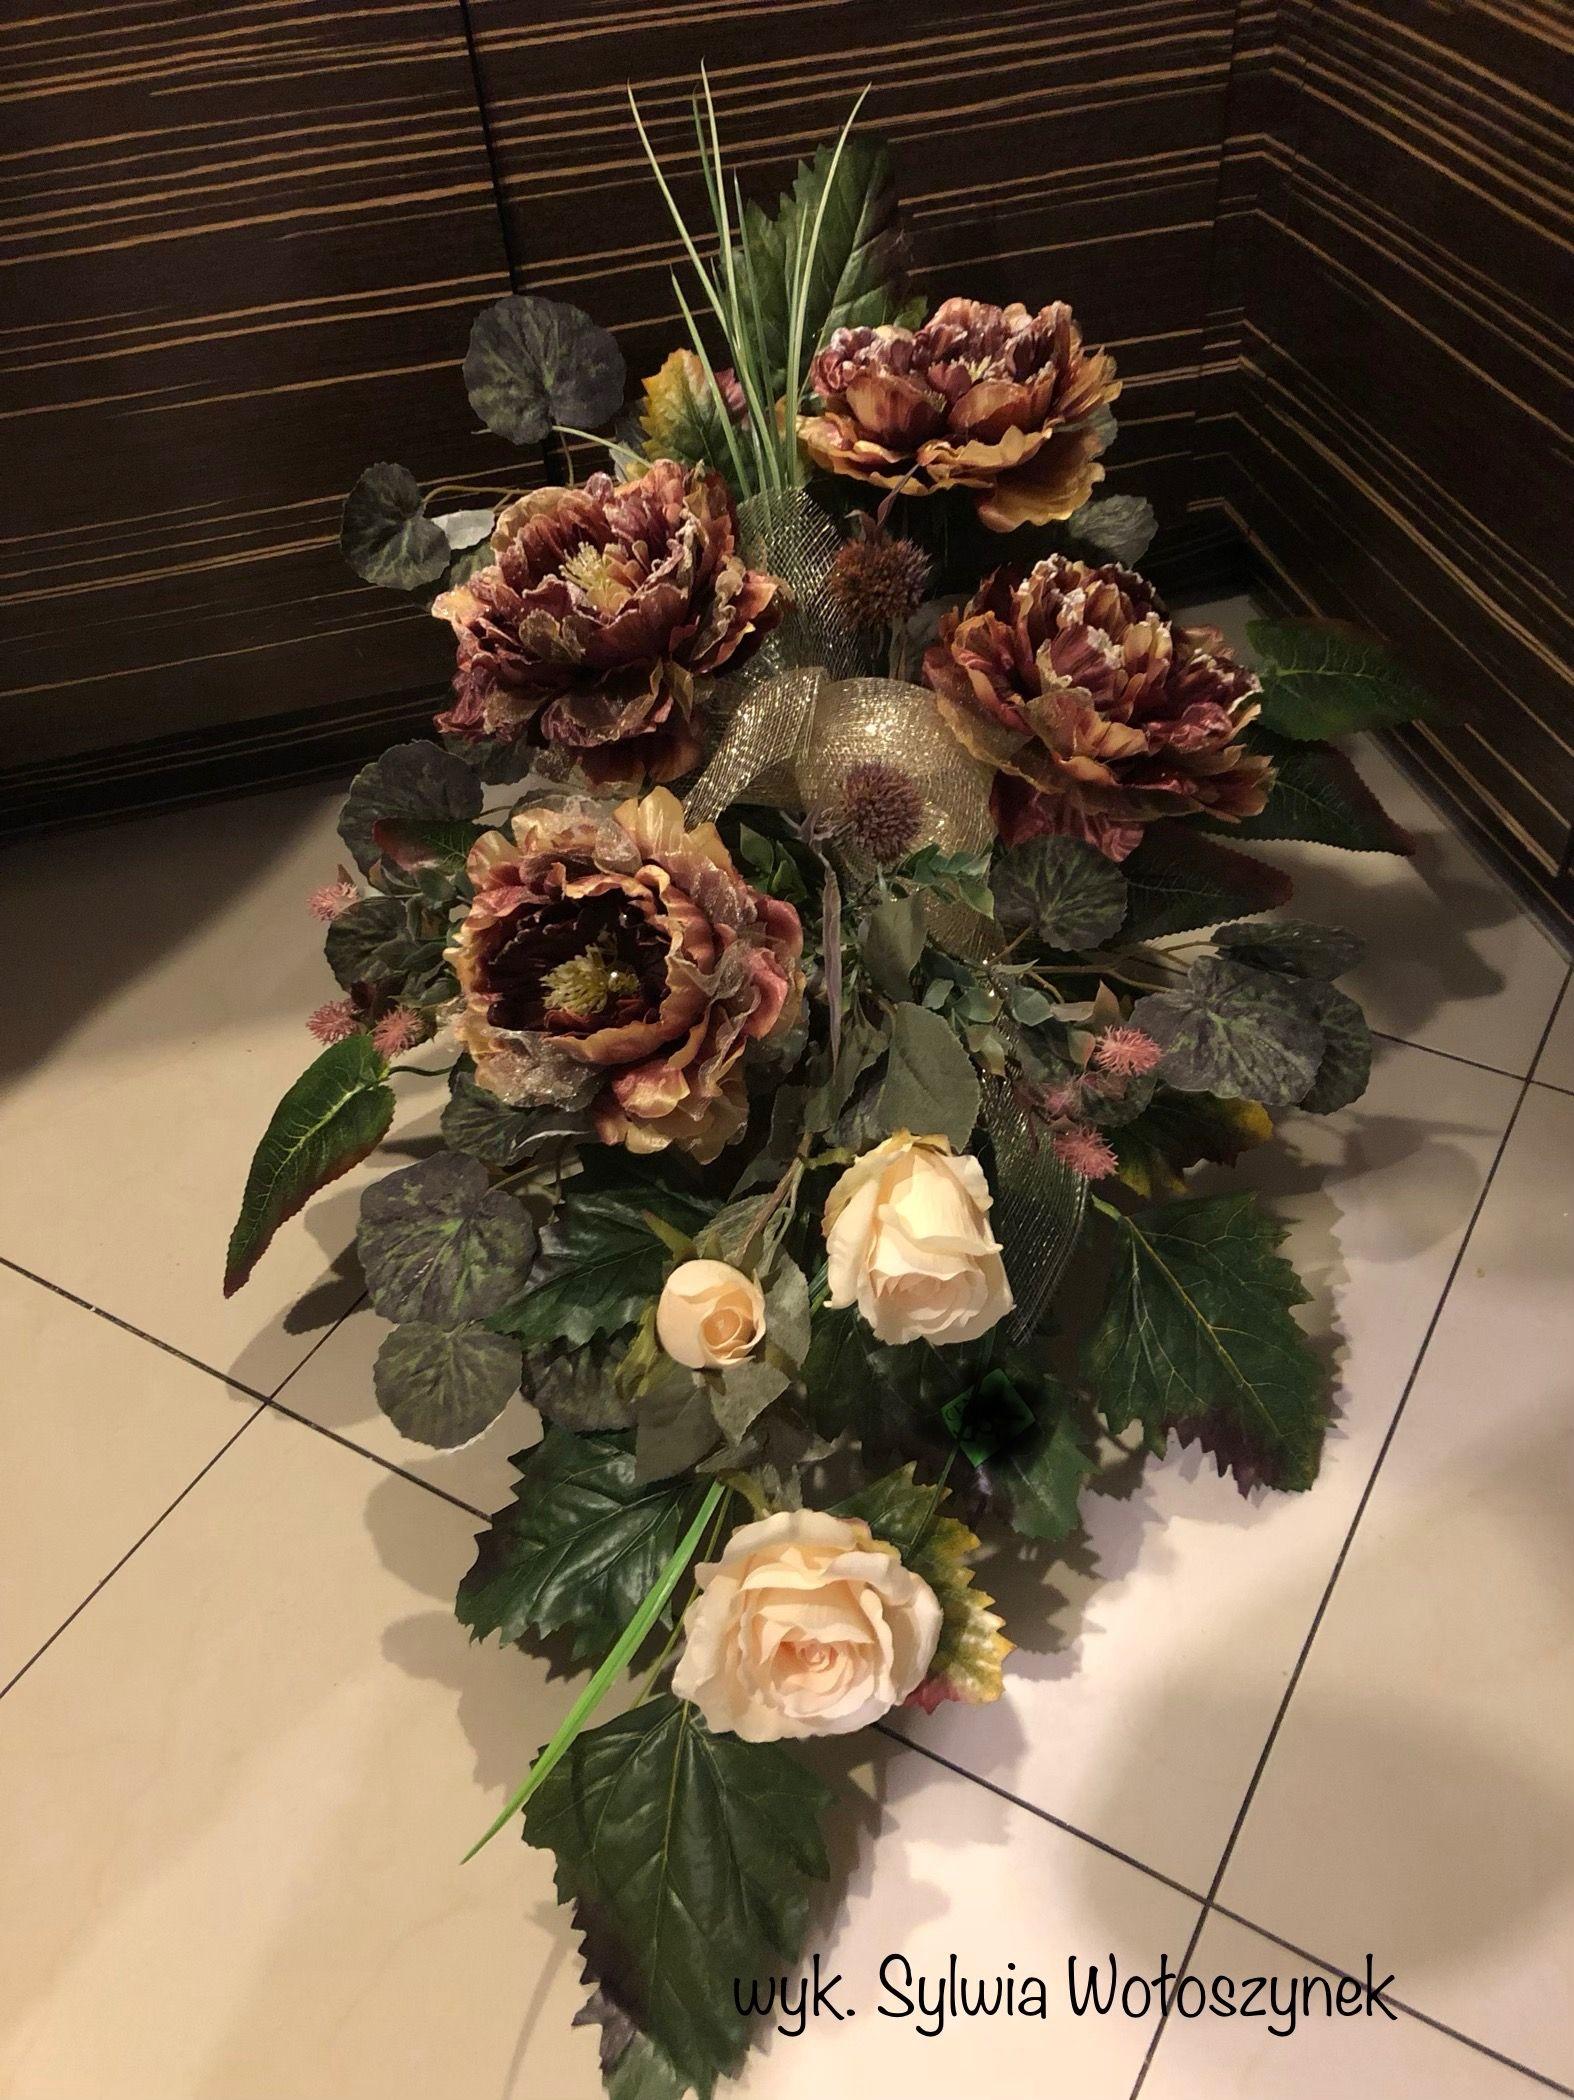 Kompozycja Funeralna 2018 Wyk Sylwia Woloszynek Funeral Flowers Funeral Floral Christmas Flower Arrangements